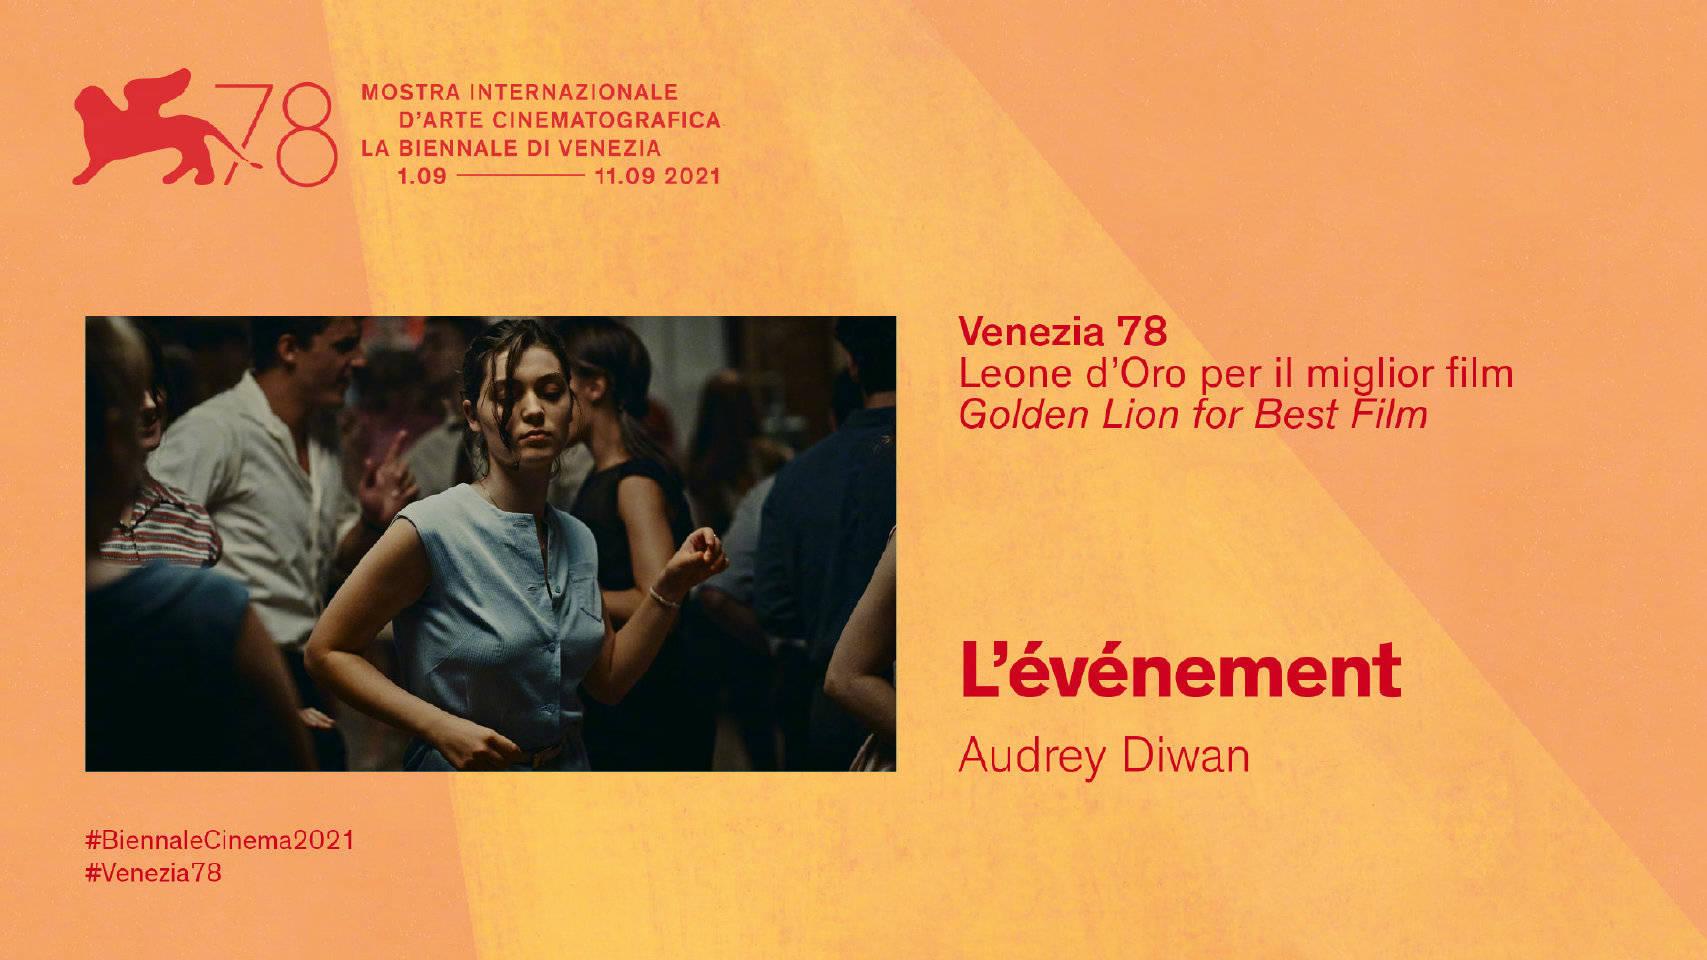 第78届威尼斯电影节获奖者:佩内洛普获得该片后 最佳影片向人们展示